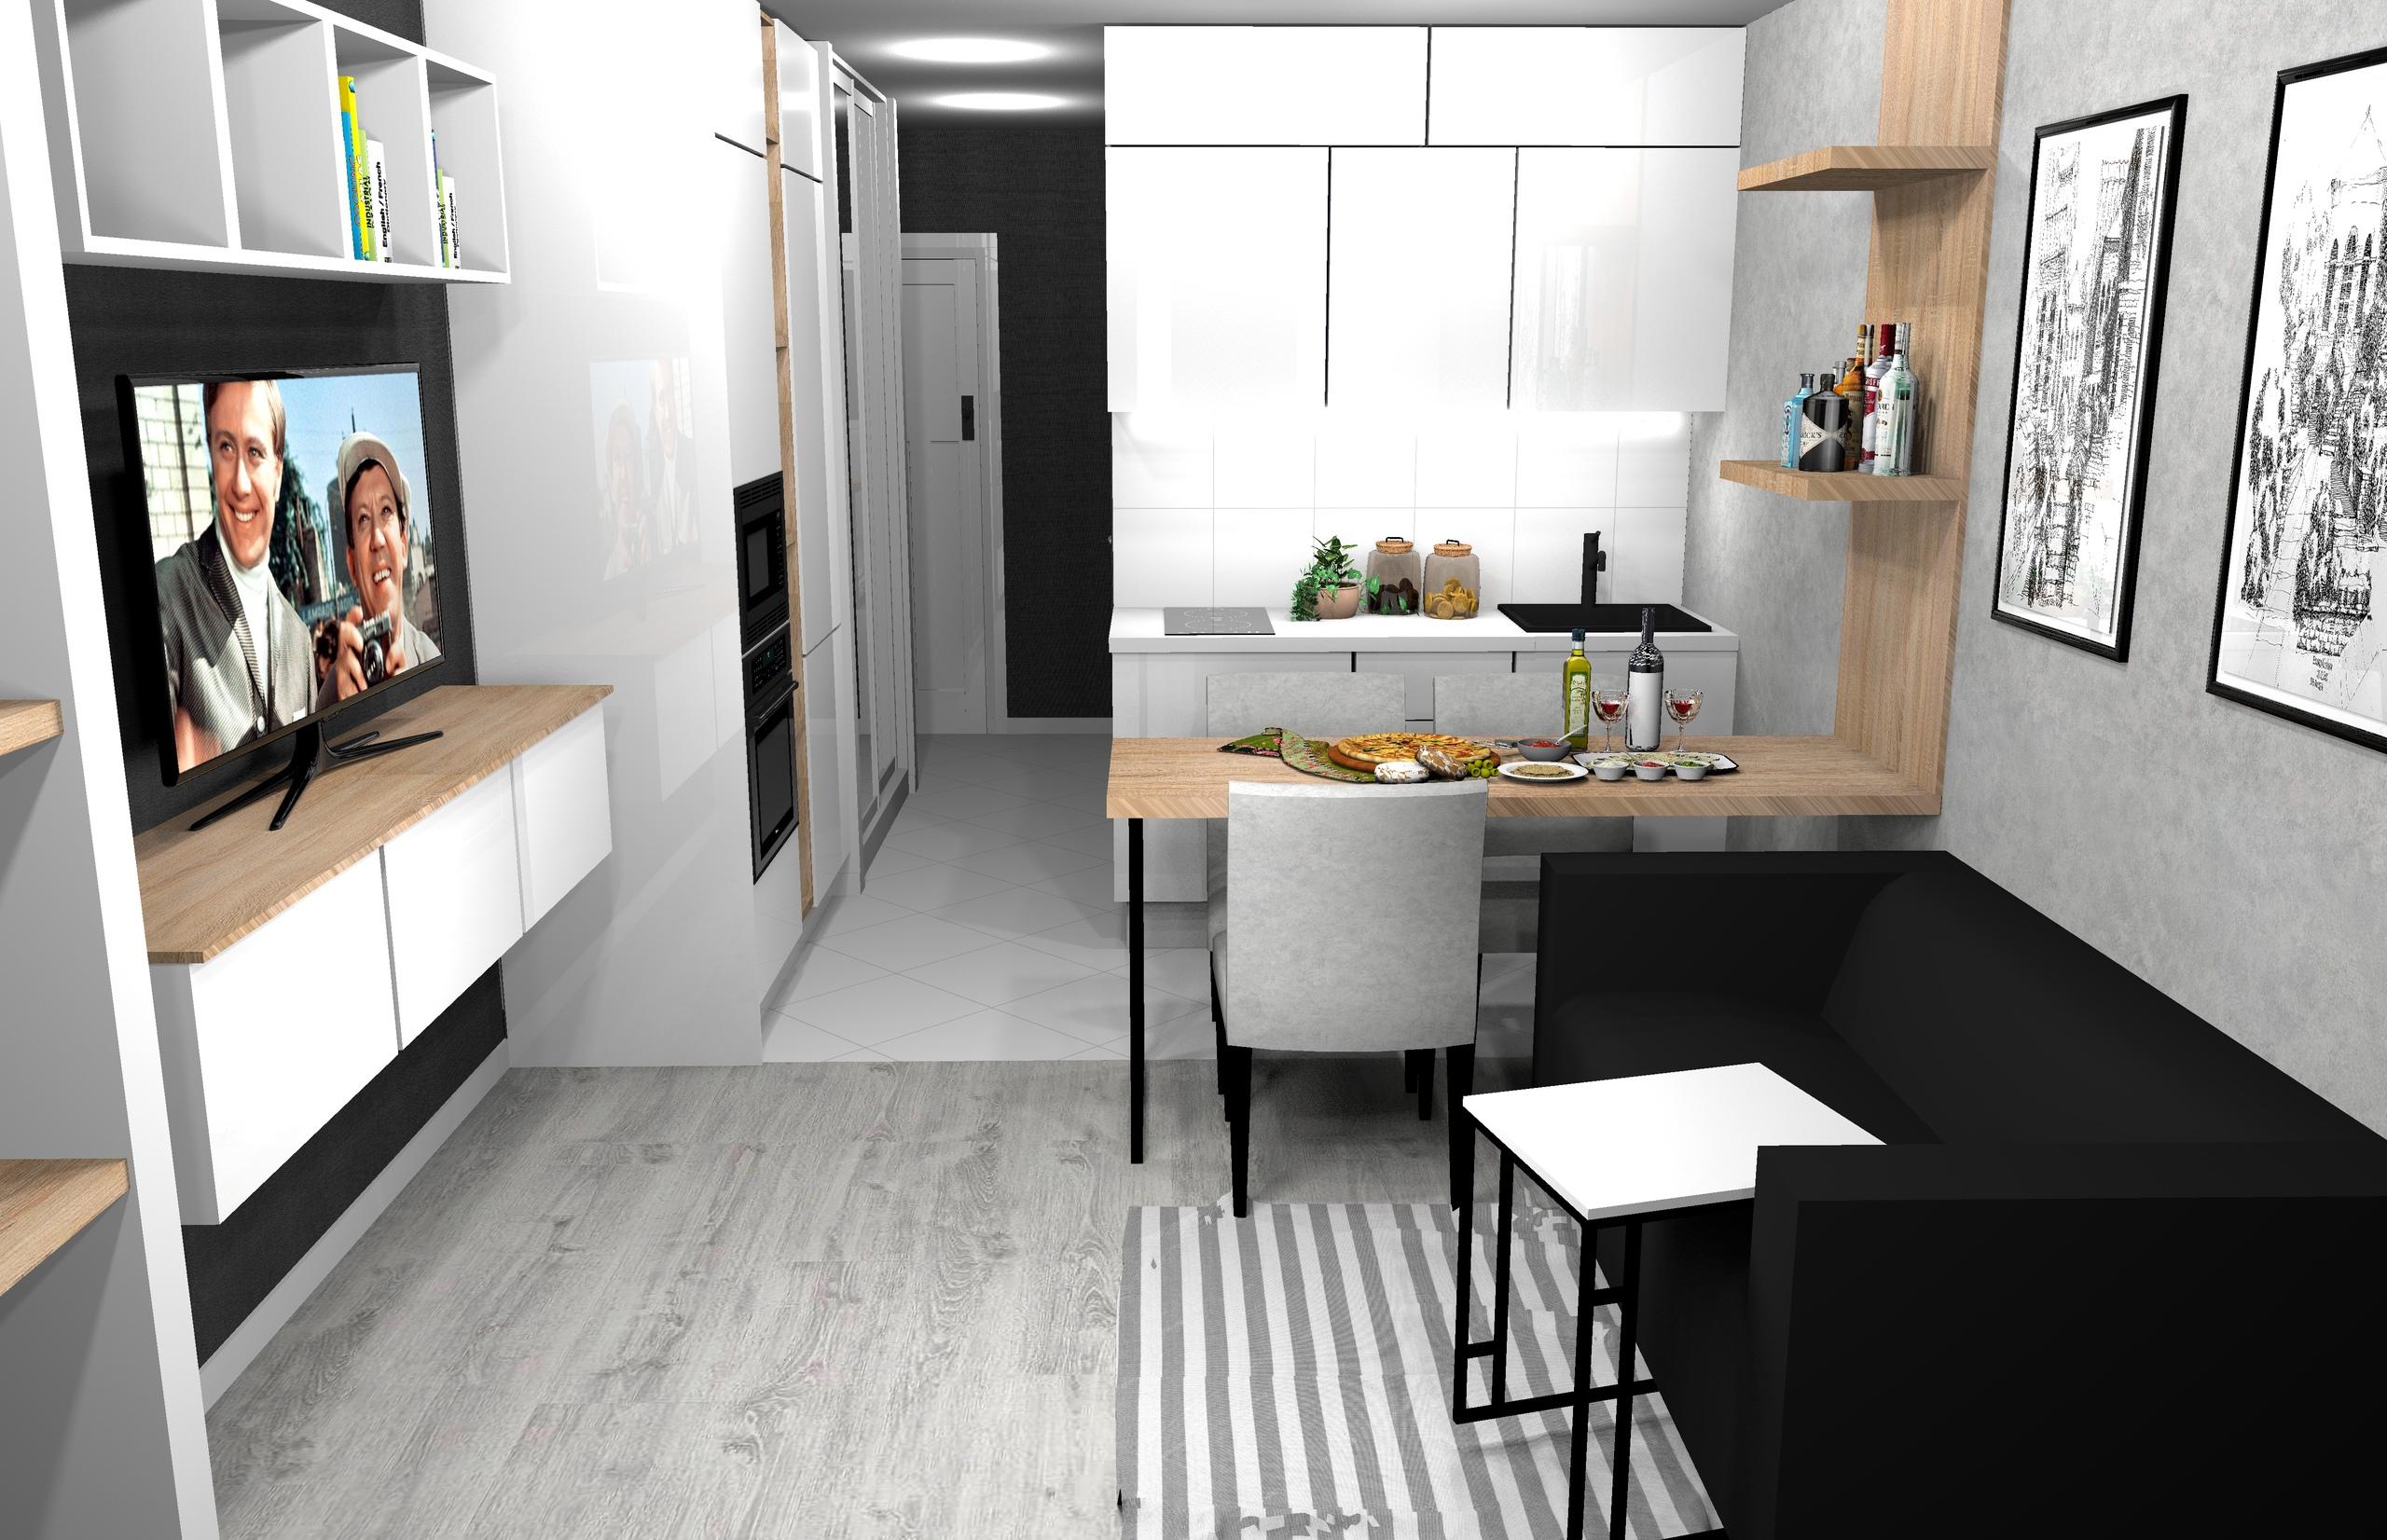 Проект квартиры-студии 26,5 кв/м , жк Новая алексеевская роща.